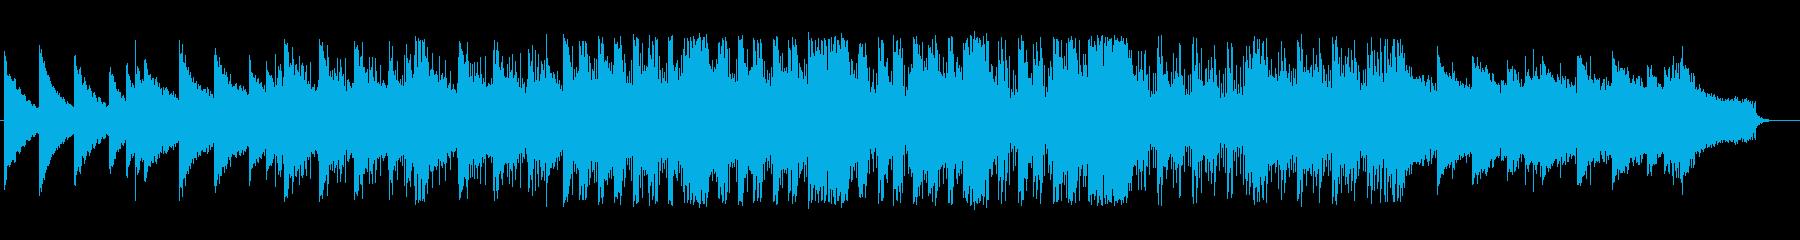 しっとりとしたポップス風エレクトロニカの再生済みの波形